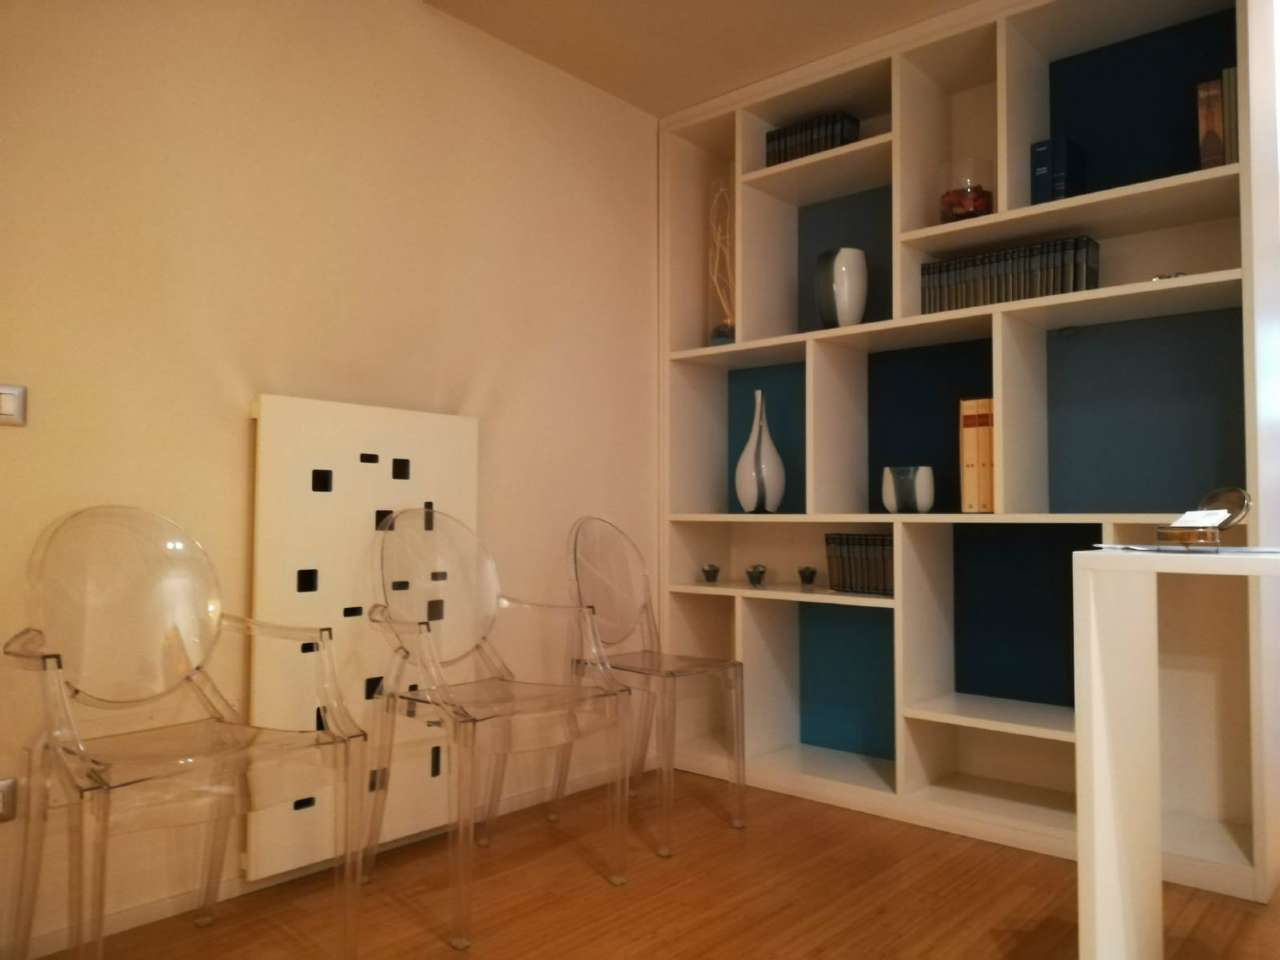 Ufficio in affitto Zona Valentino, Italia 61, Nizza Millefo... - corso Massimo D'Azeglio 51 Torino